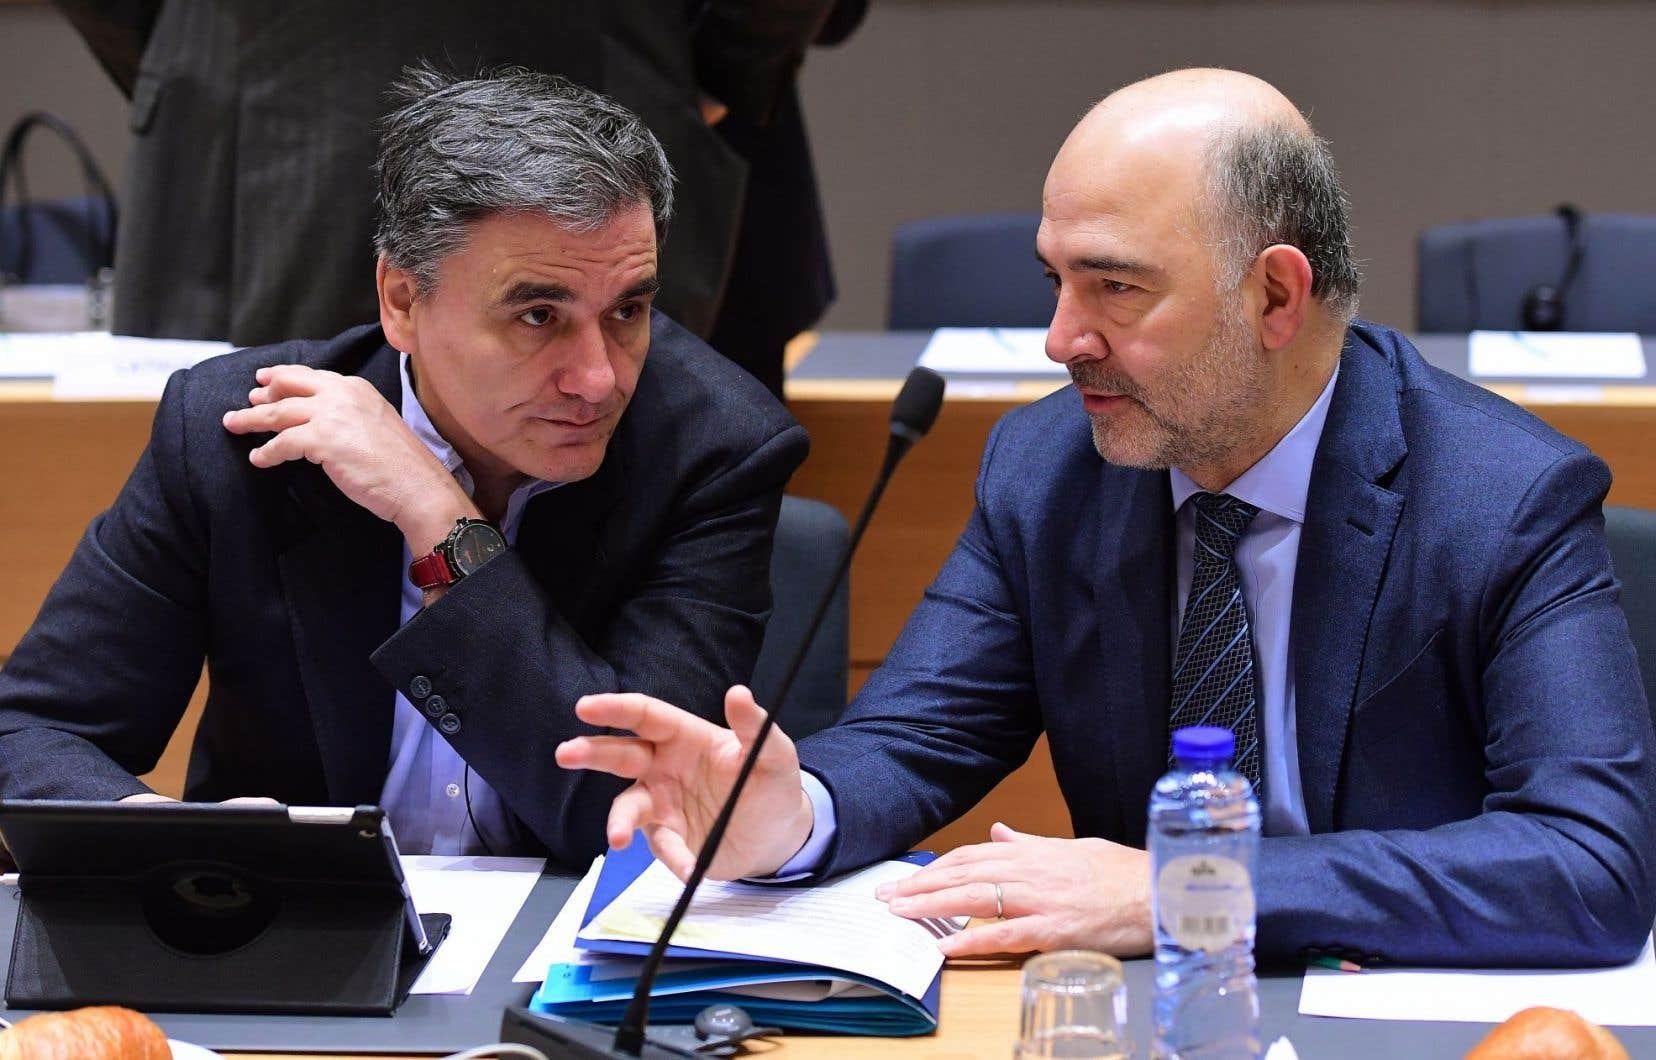 Le ministre grec des Finances, Euclide Tsakalotos, et le commissaire européen aux Affaires économiques, Pierre Moscovici